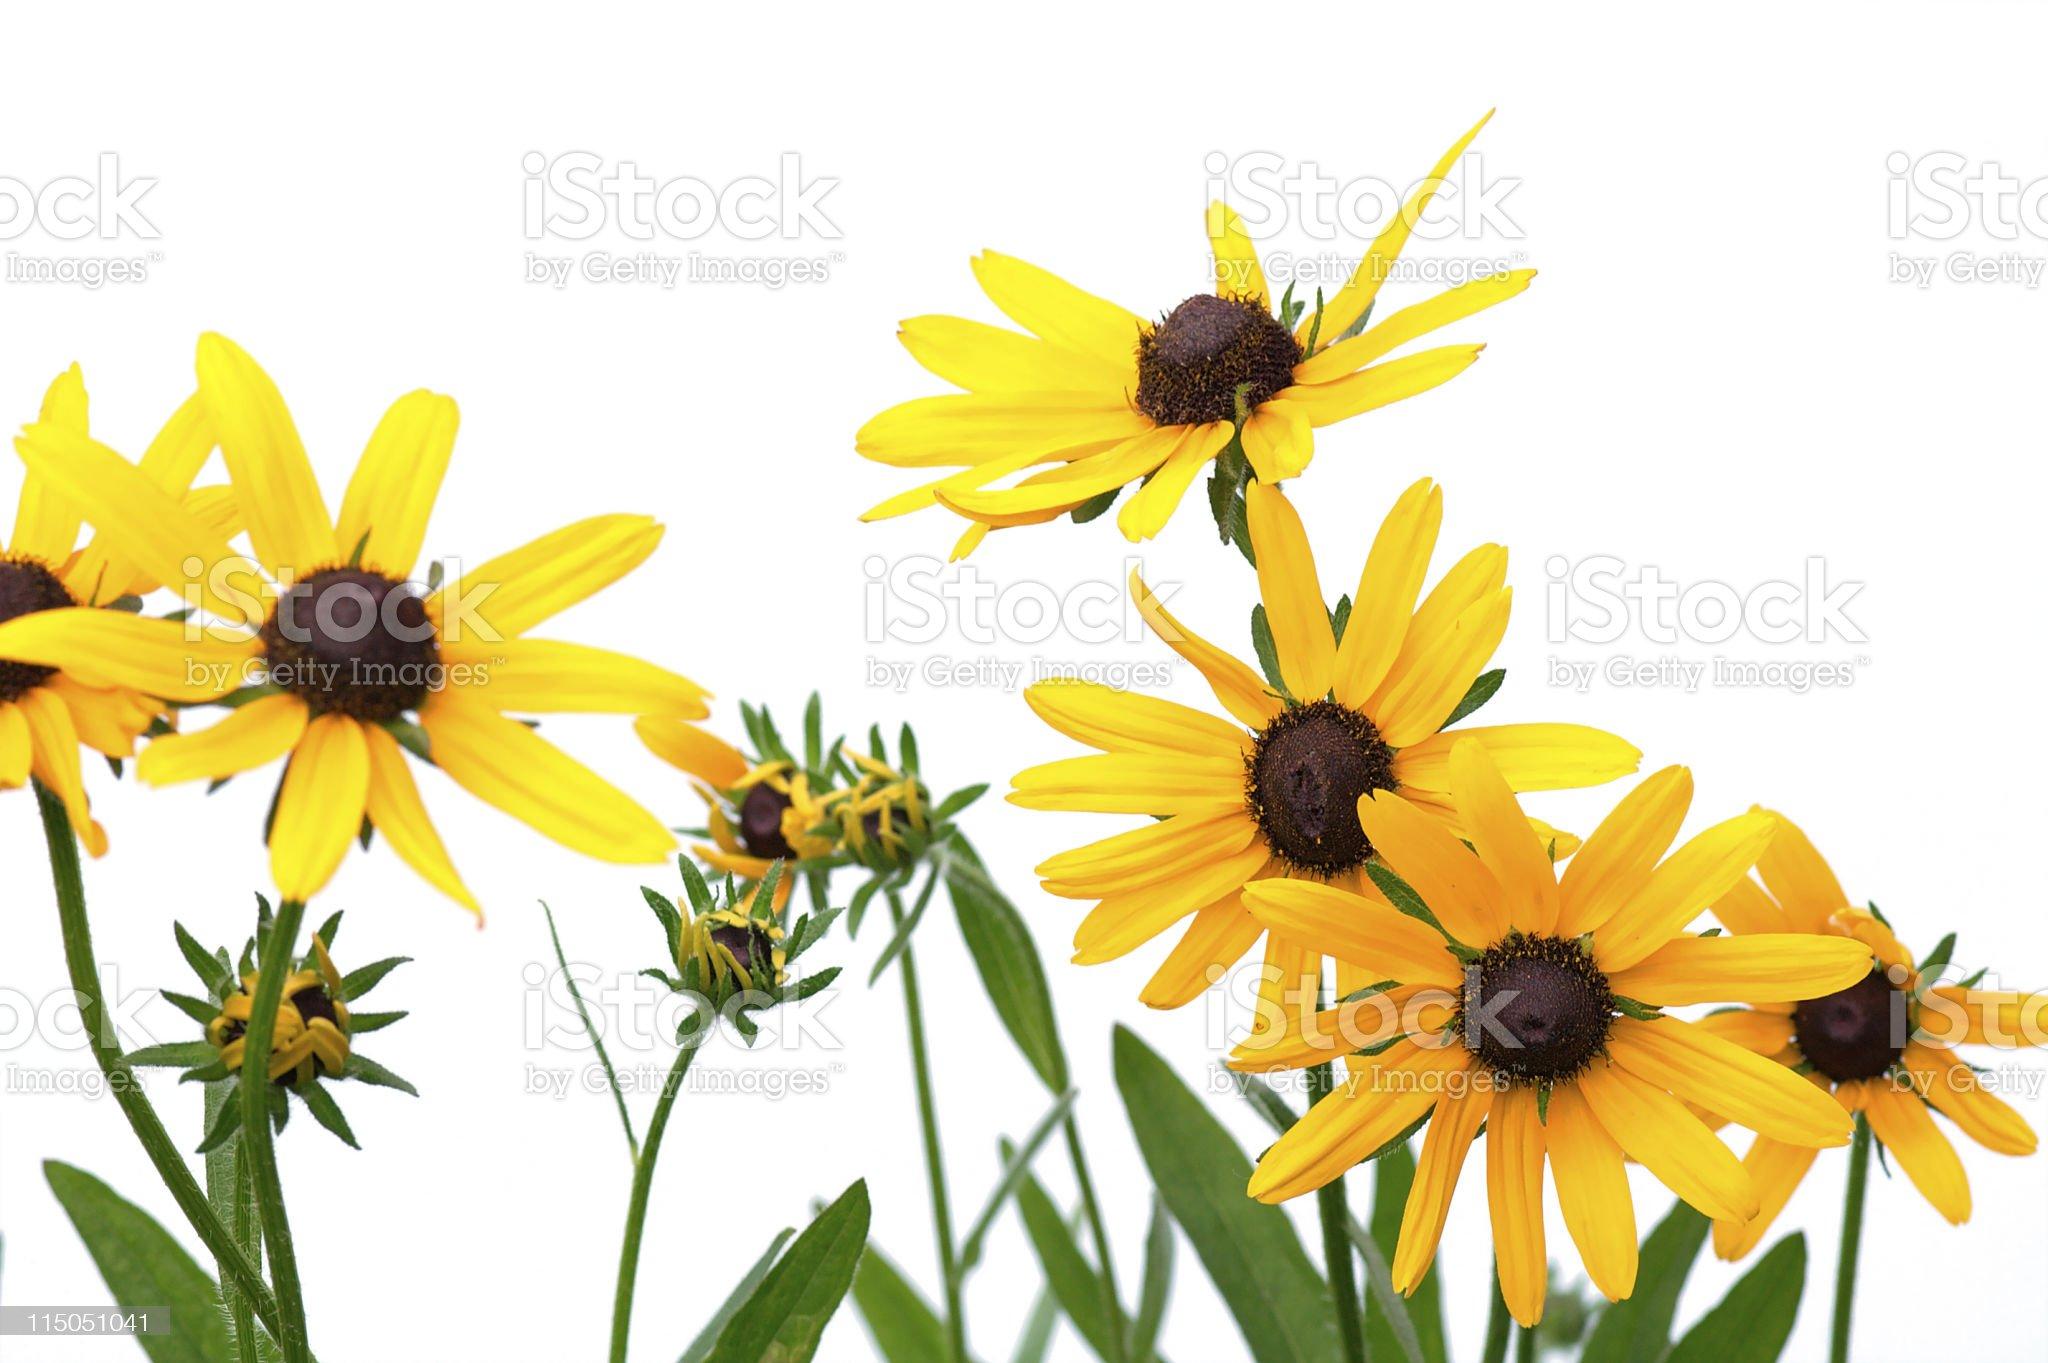 Yellow rudbeckias on white background royalty-free stock photo